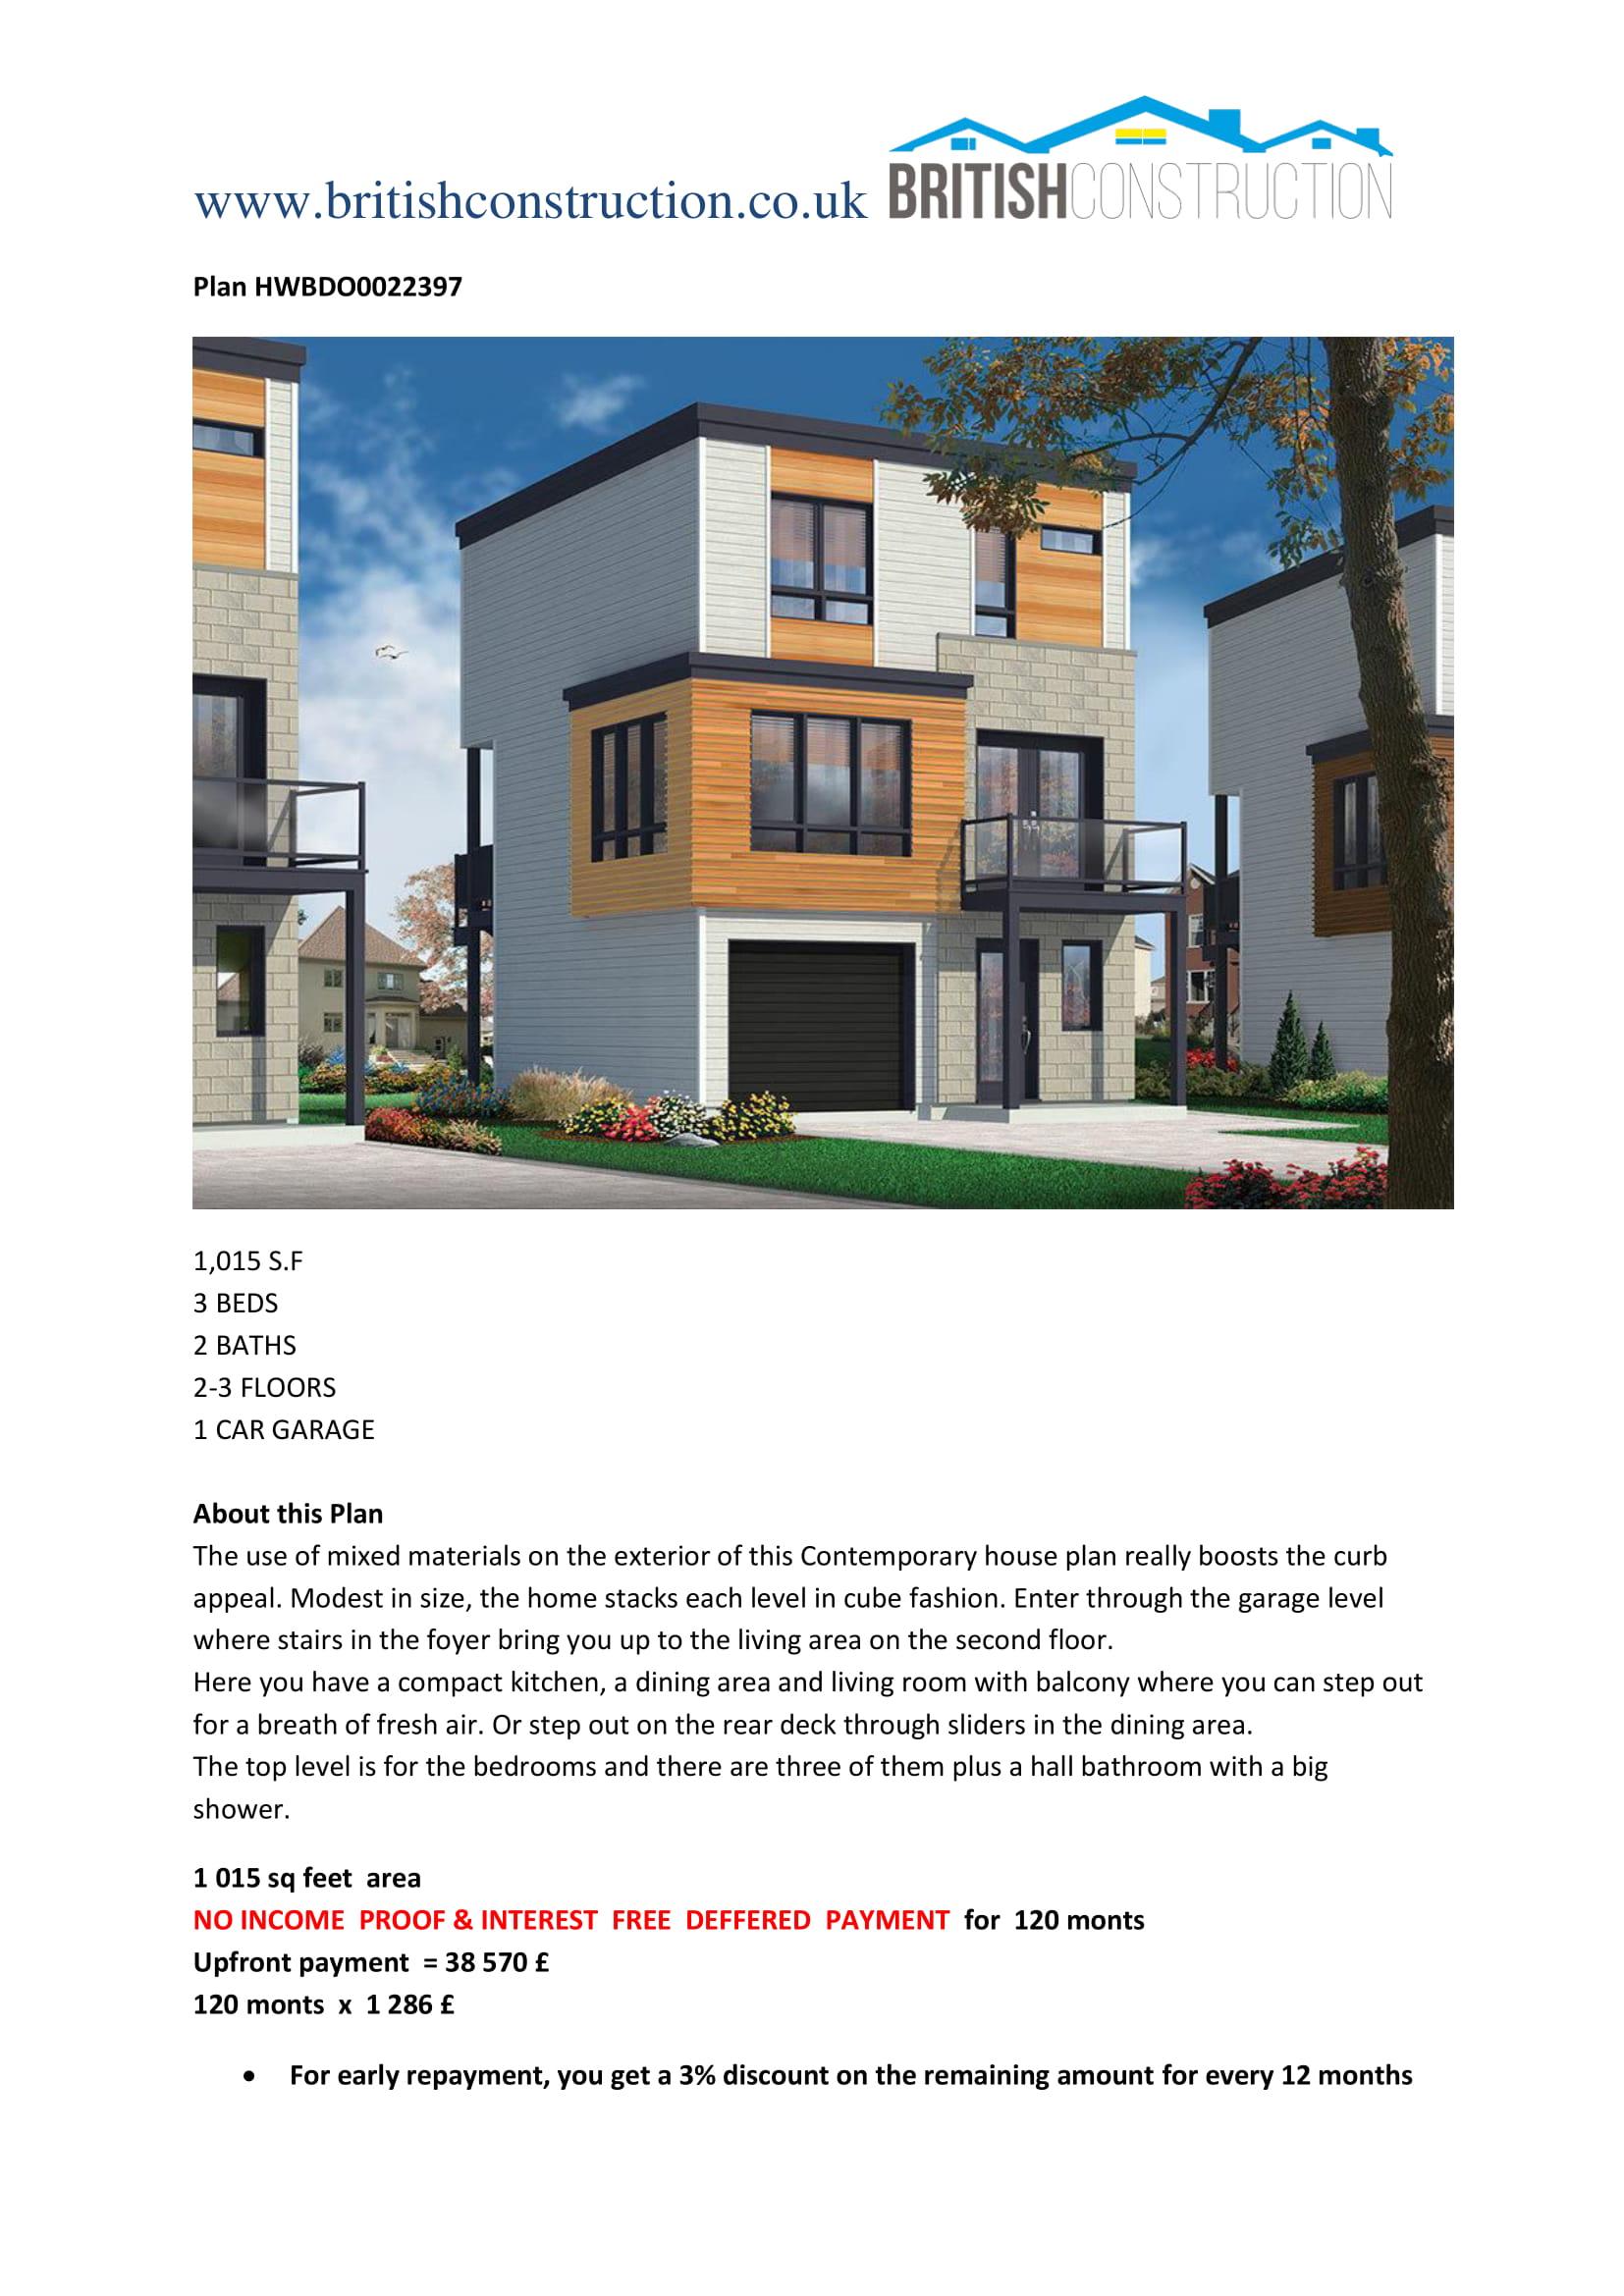 Plan HWBDO0022397